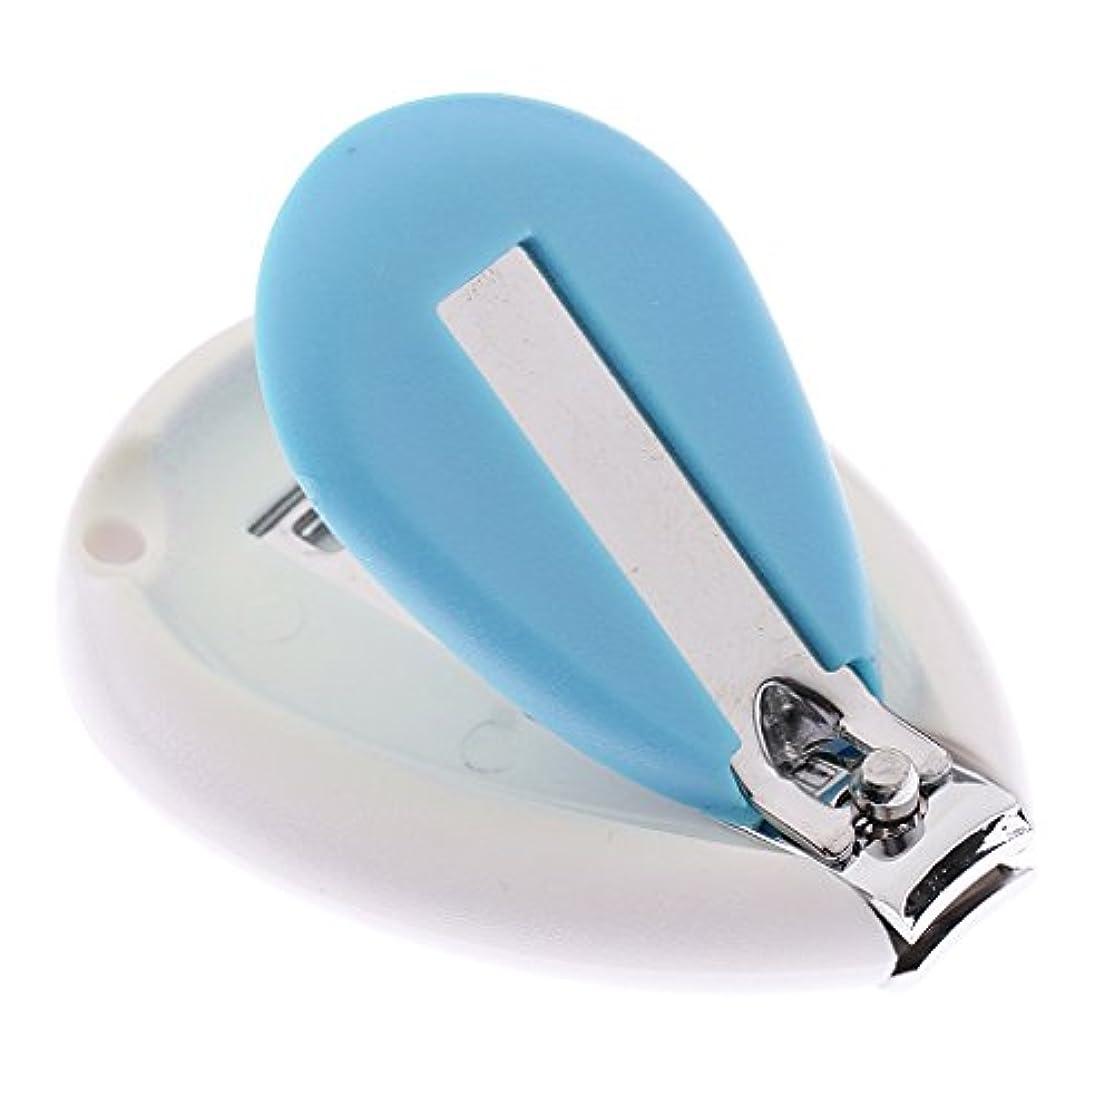 ピストン発信旋回GRALARA キッズ 赤ちゃん ネイル クリッパー はさみ トリマー カッター 安全 人間工学 全3色 - 青